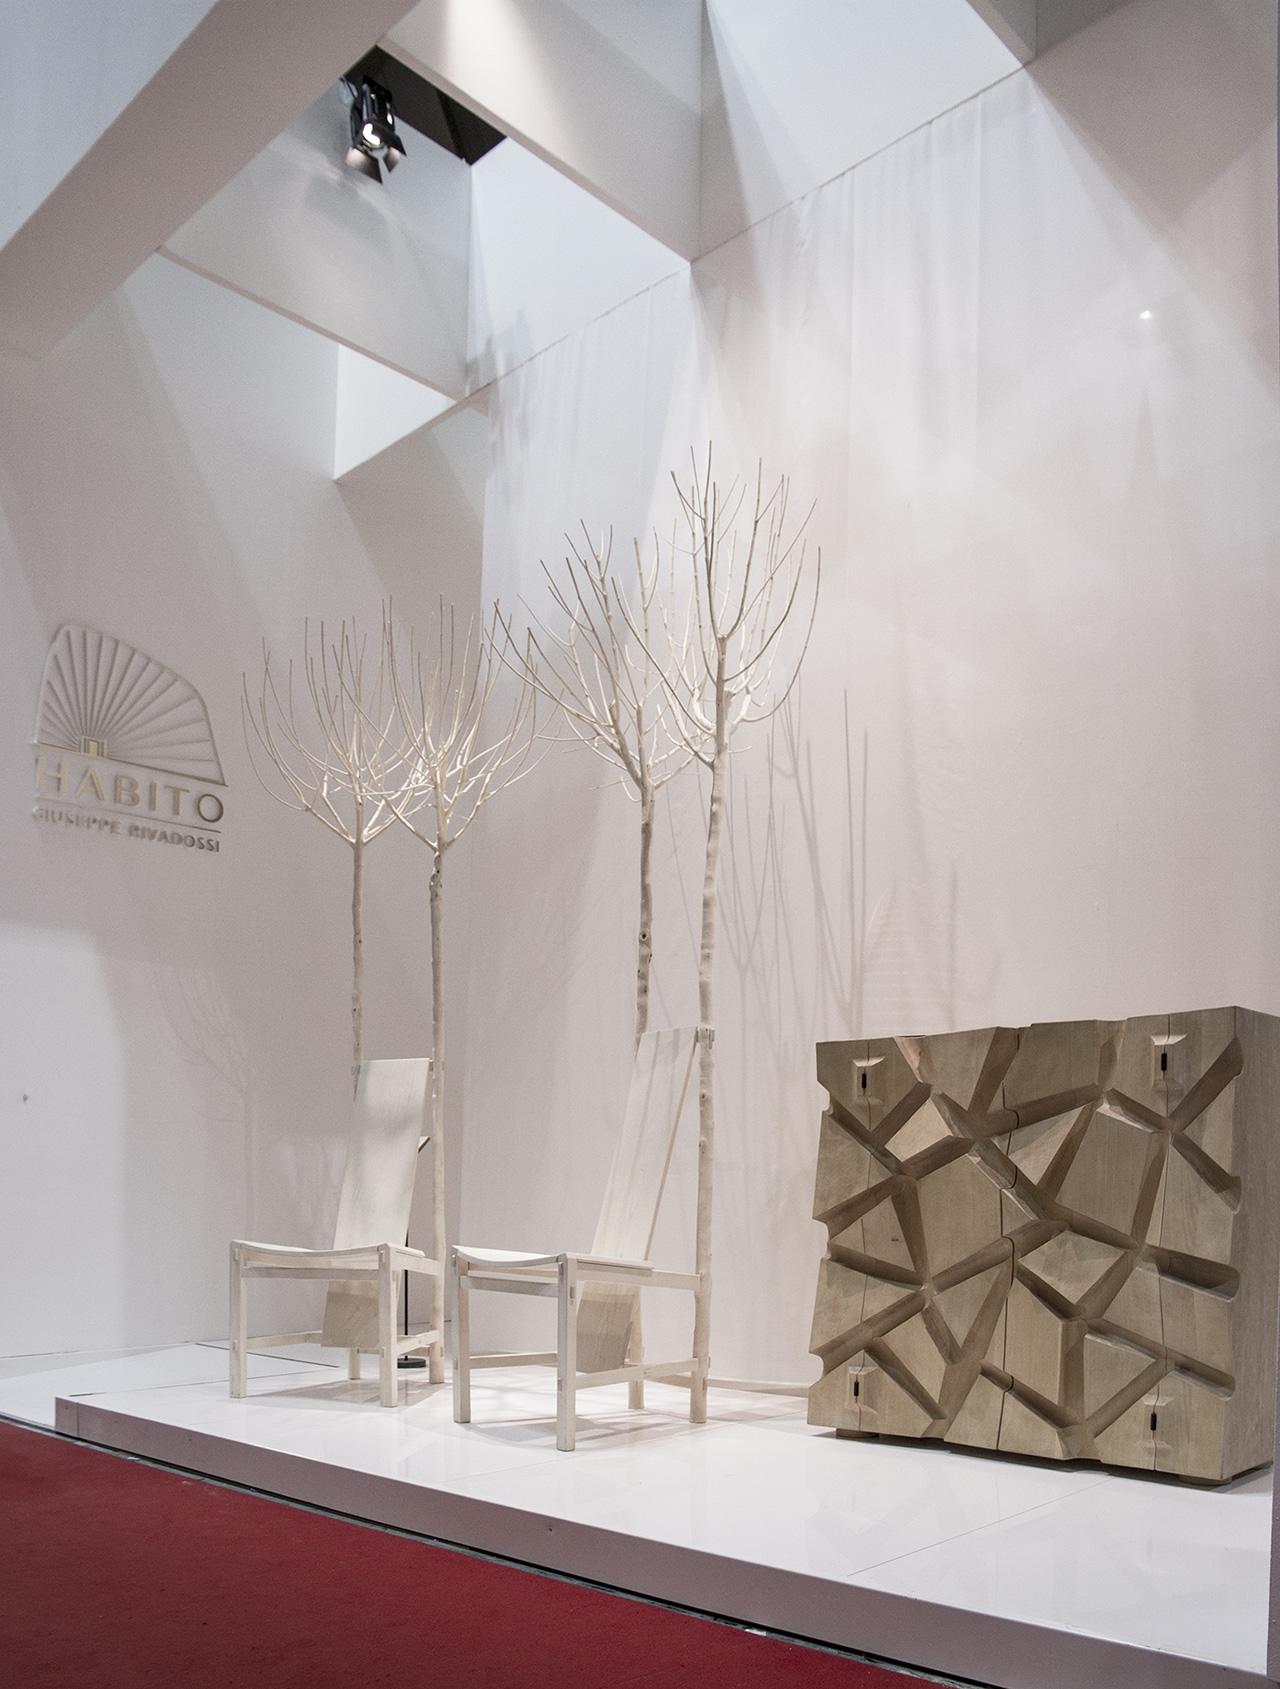 Stand HABITO al Salone del Mobile di Milano 2015